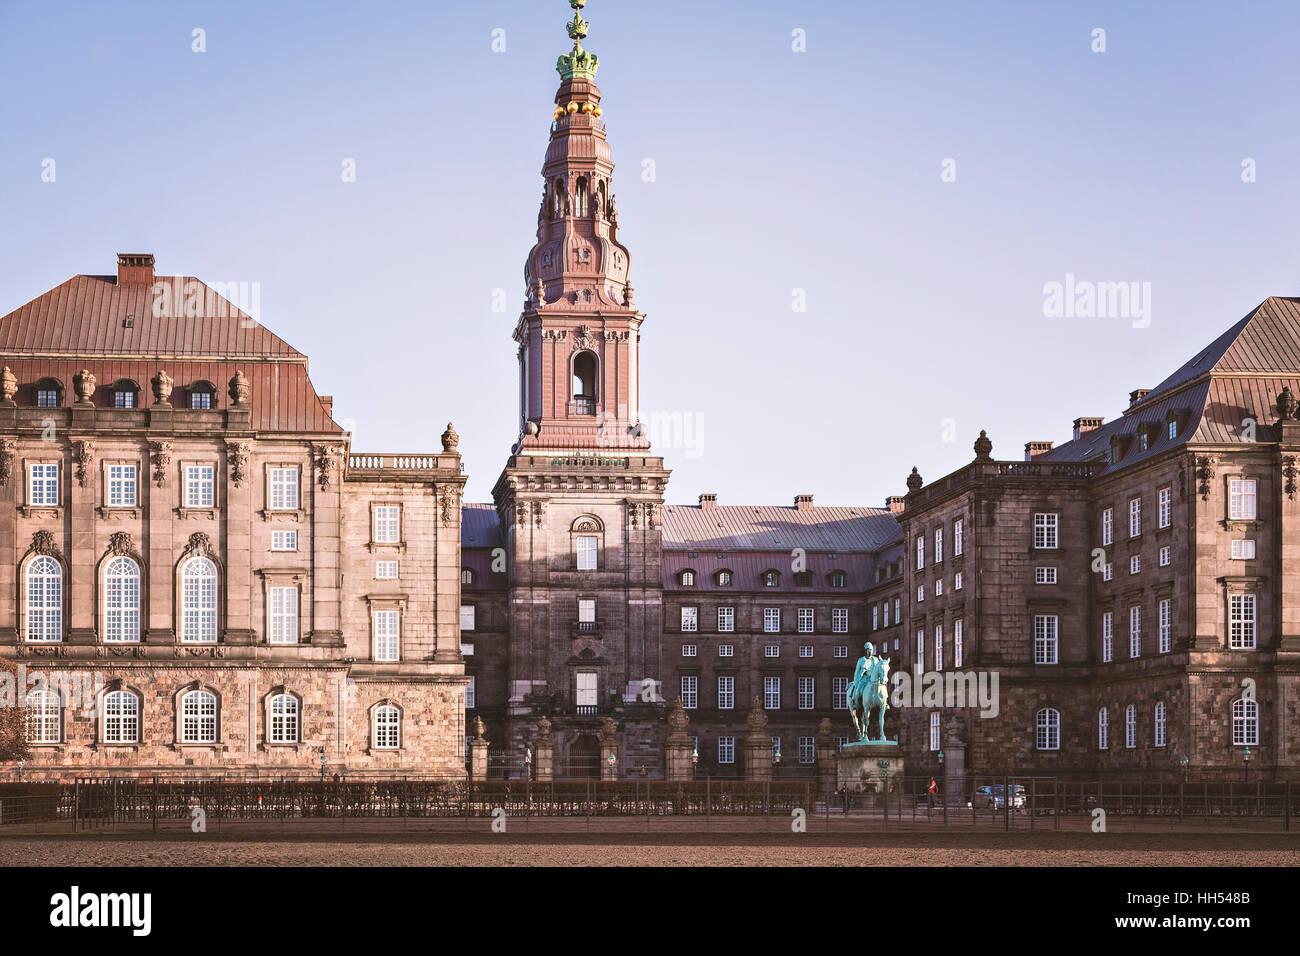 Imagen del edificio del parlamento y el palacio de Christiansborg. Copenhague, Dinamarca. Foto de stock